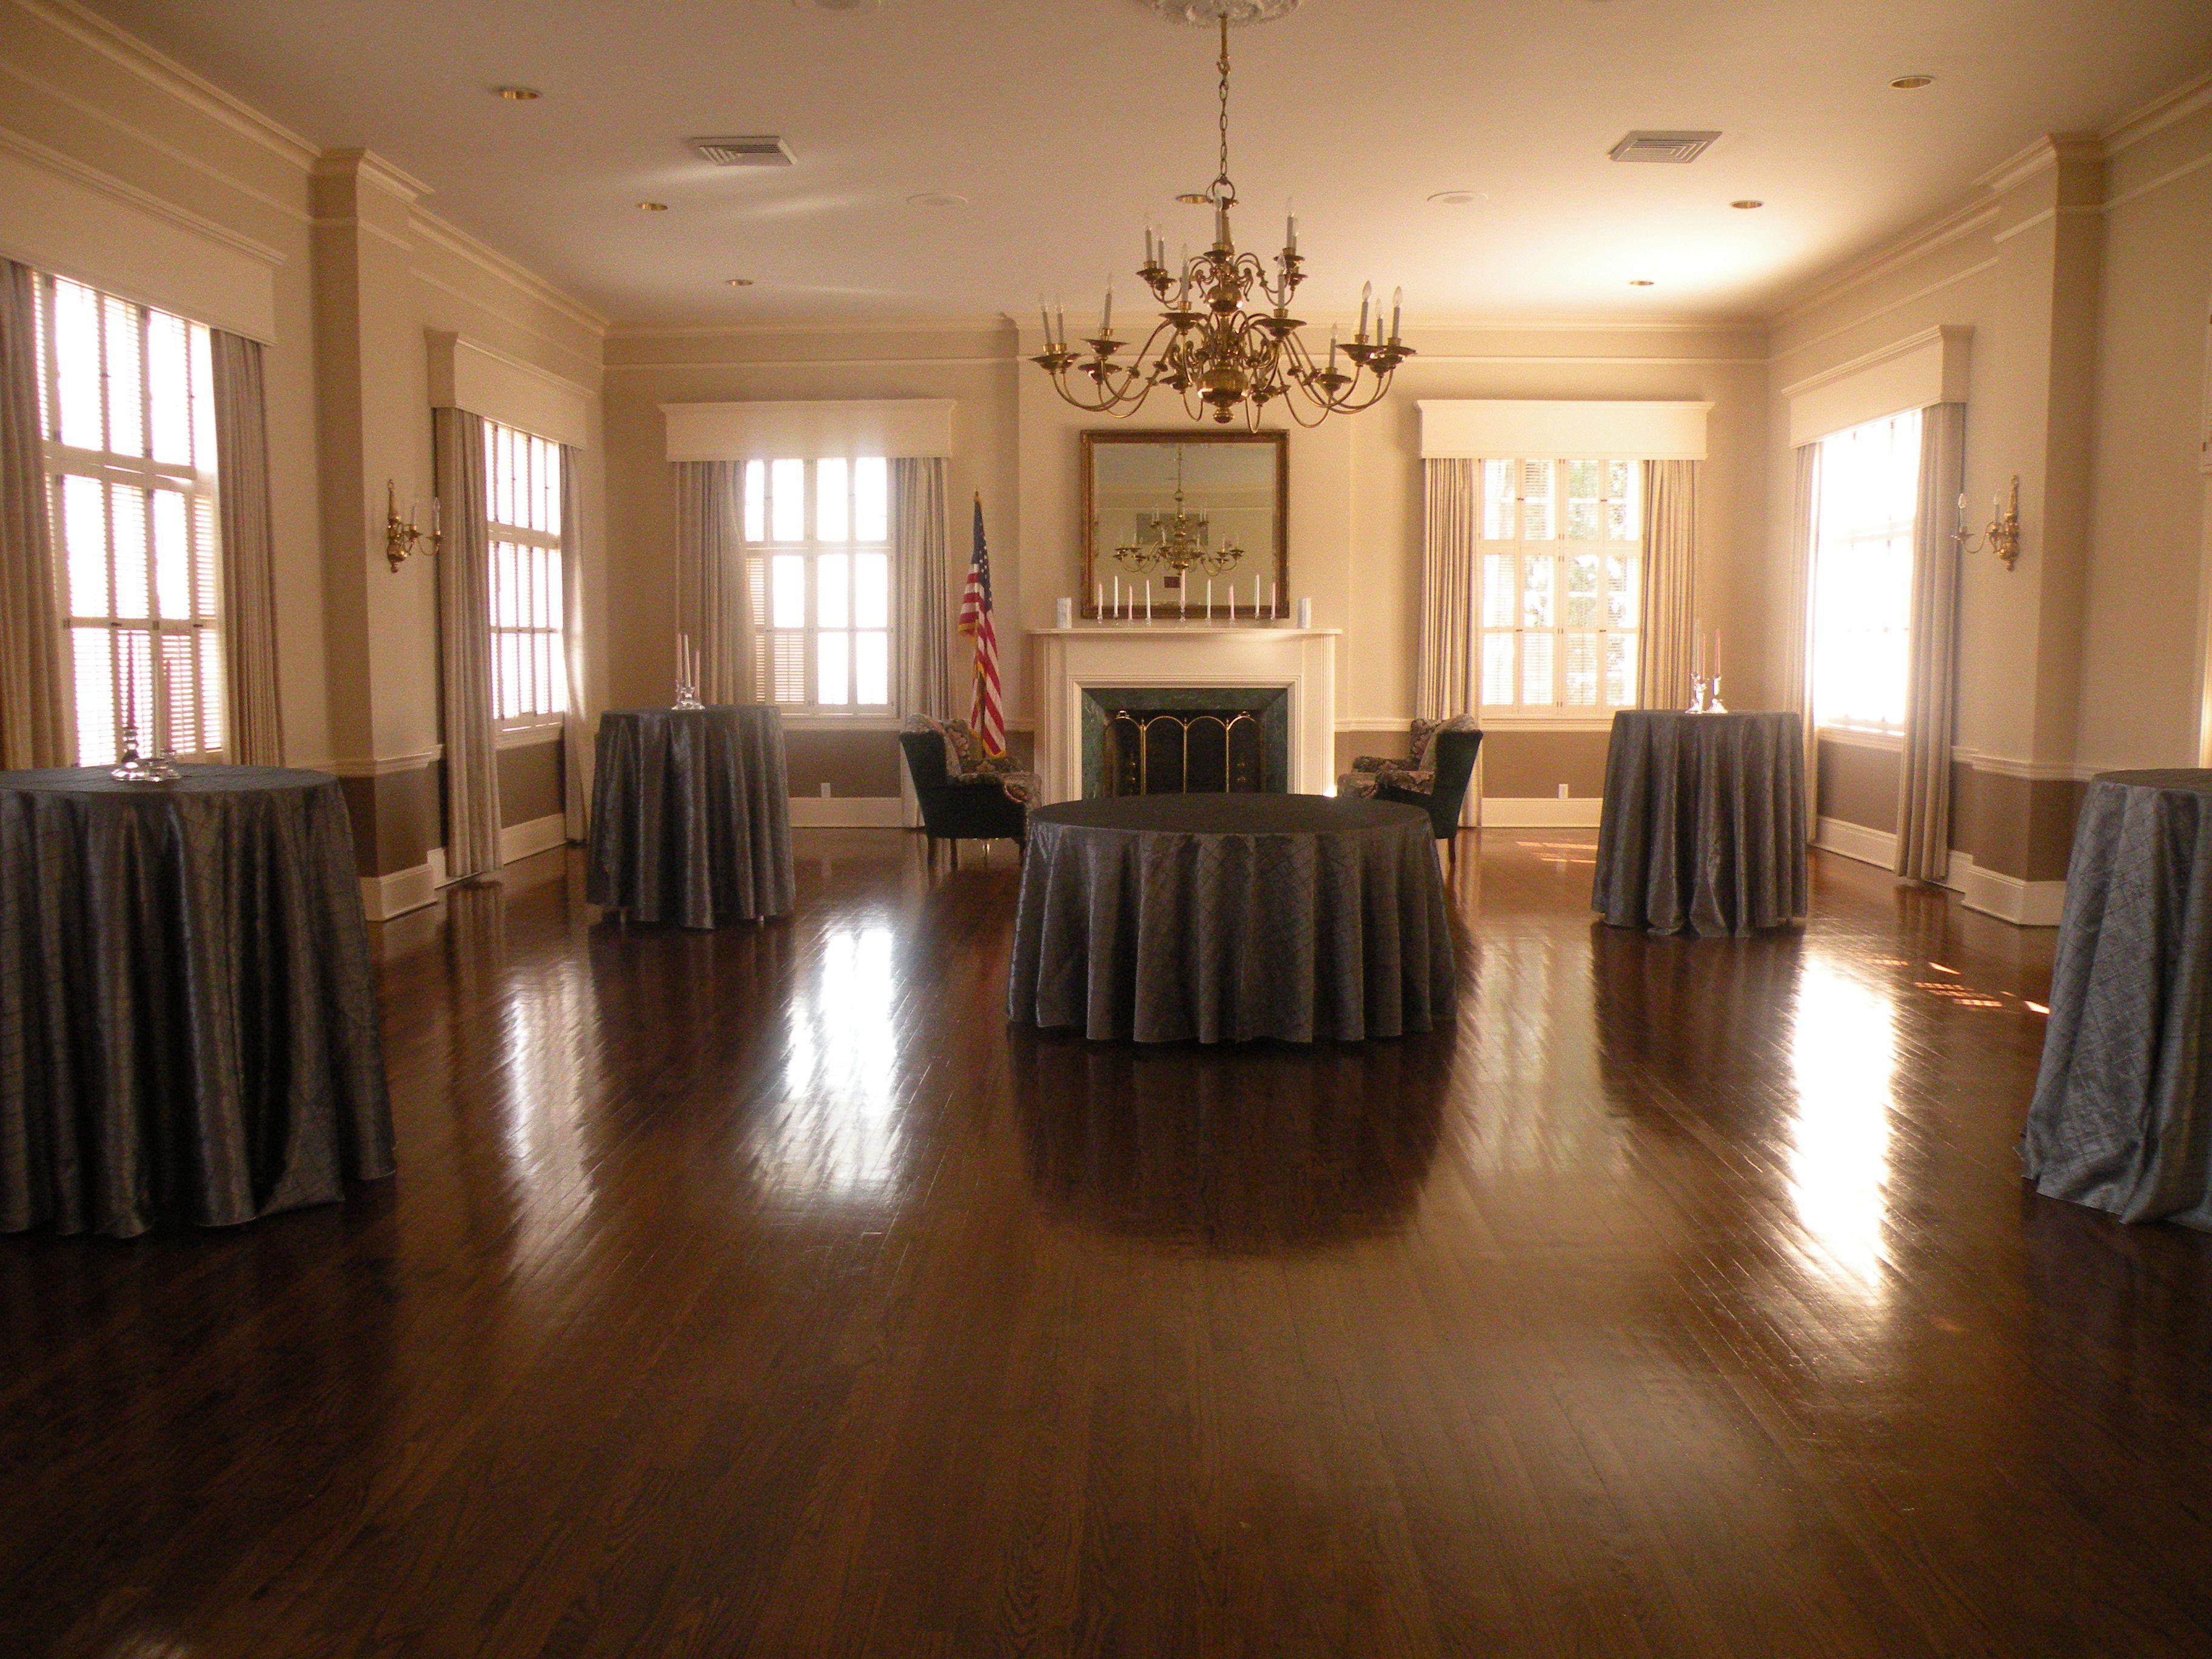 21+ Wedding venues jacksonville fl affordable info